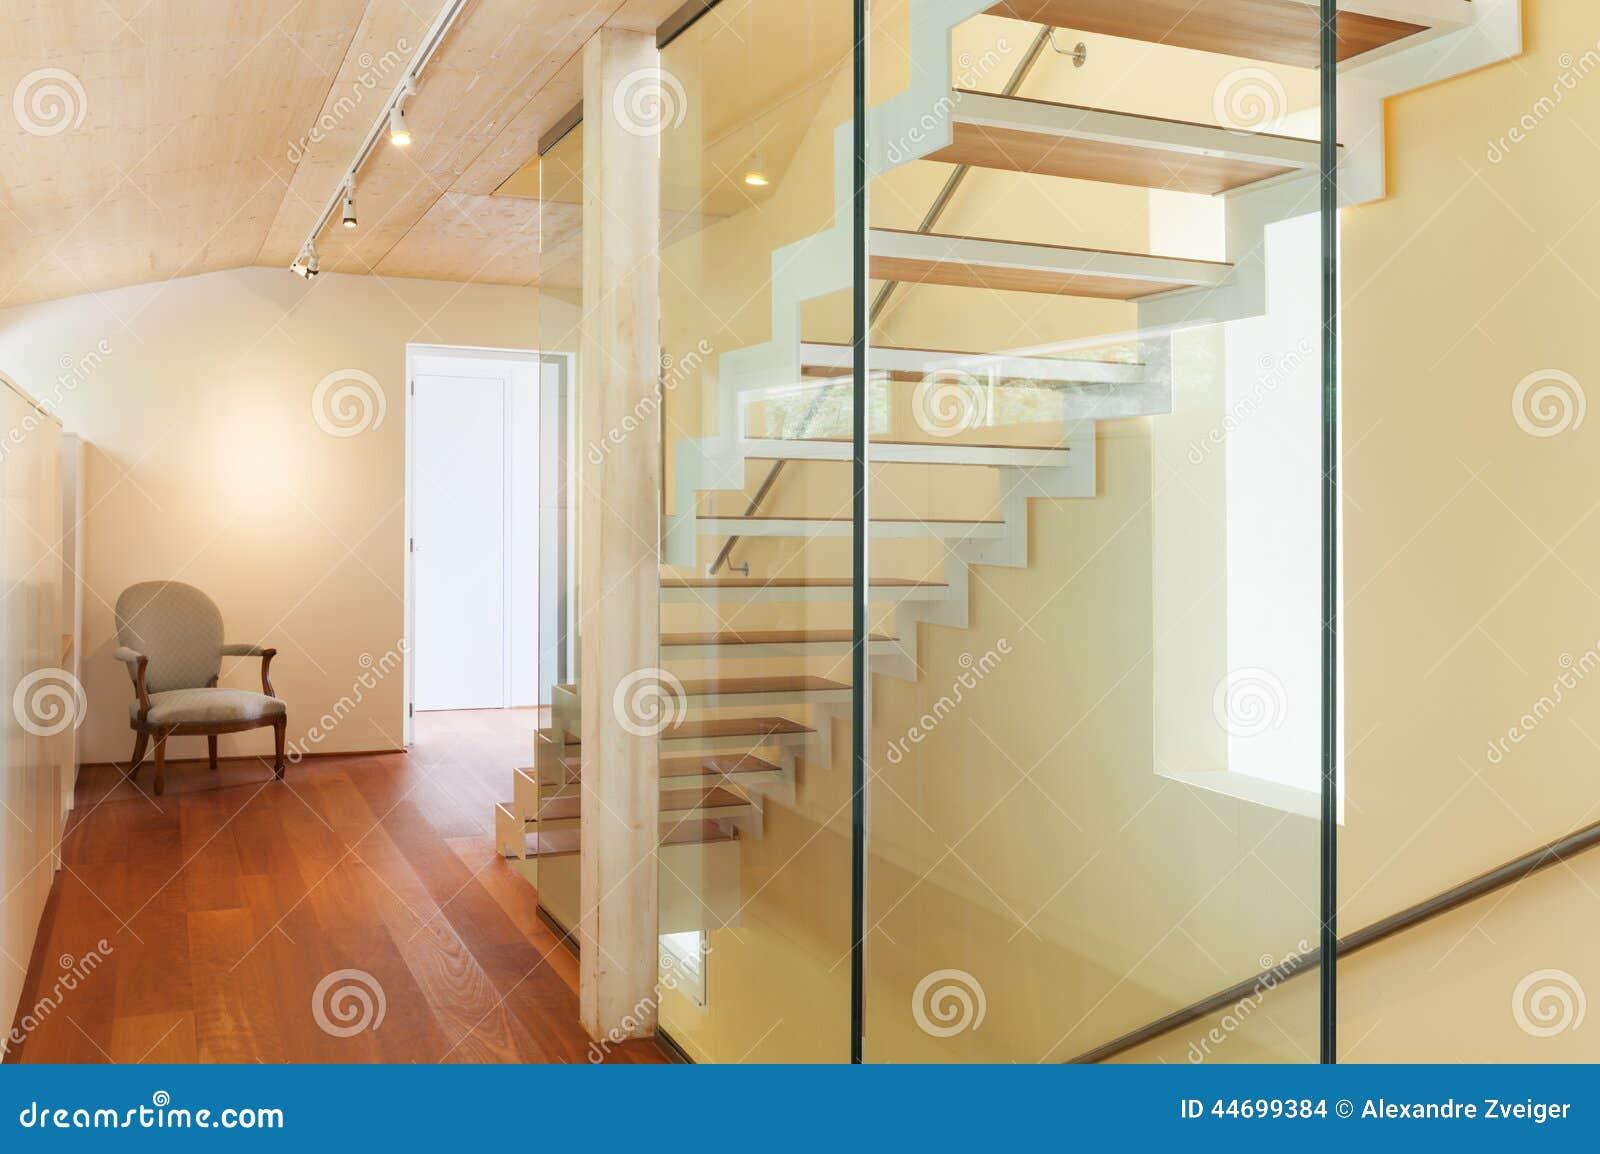 Moderne Architektur Innenraum Treppenhaus Stockfoto Bild Von